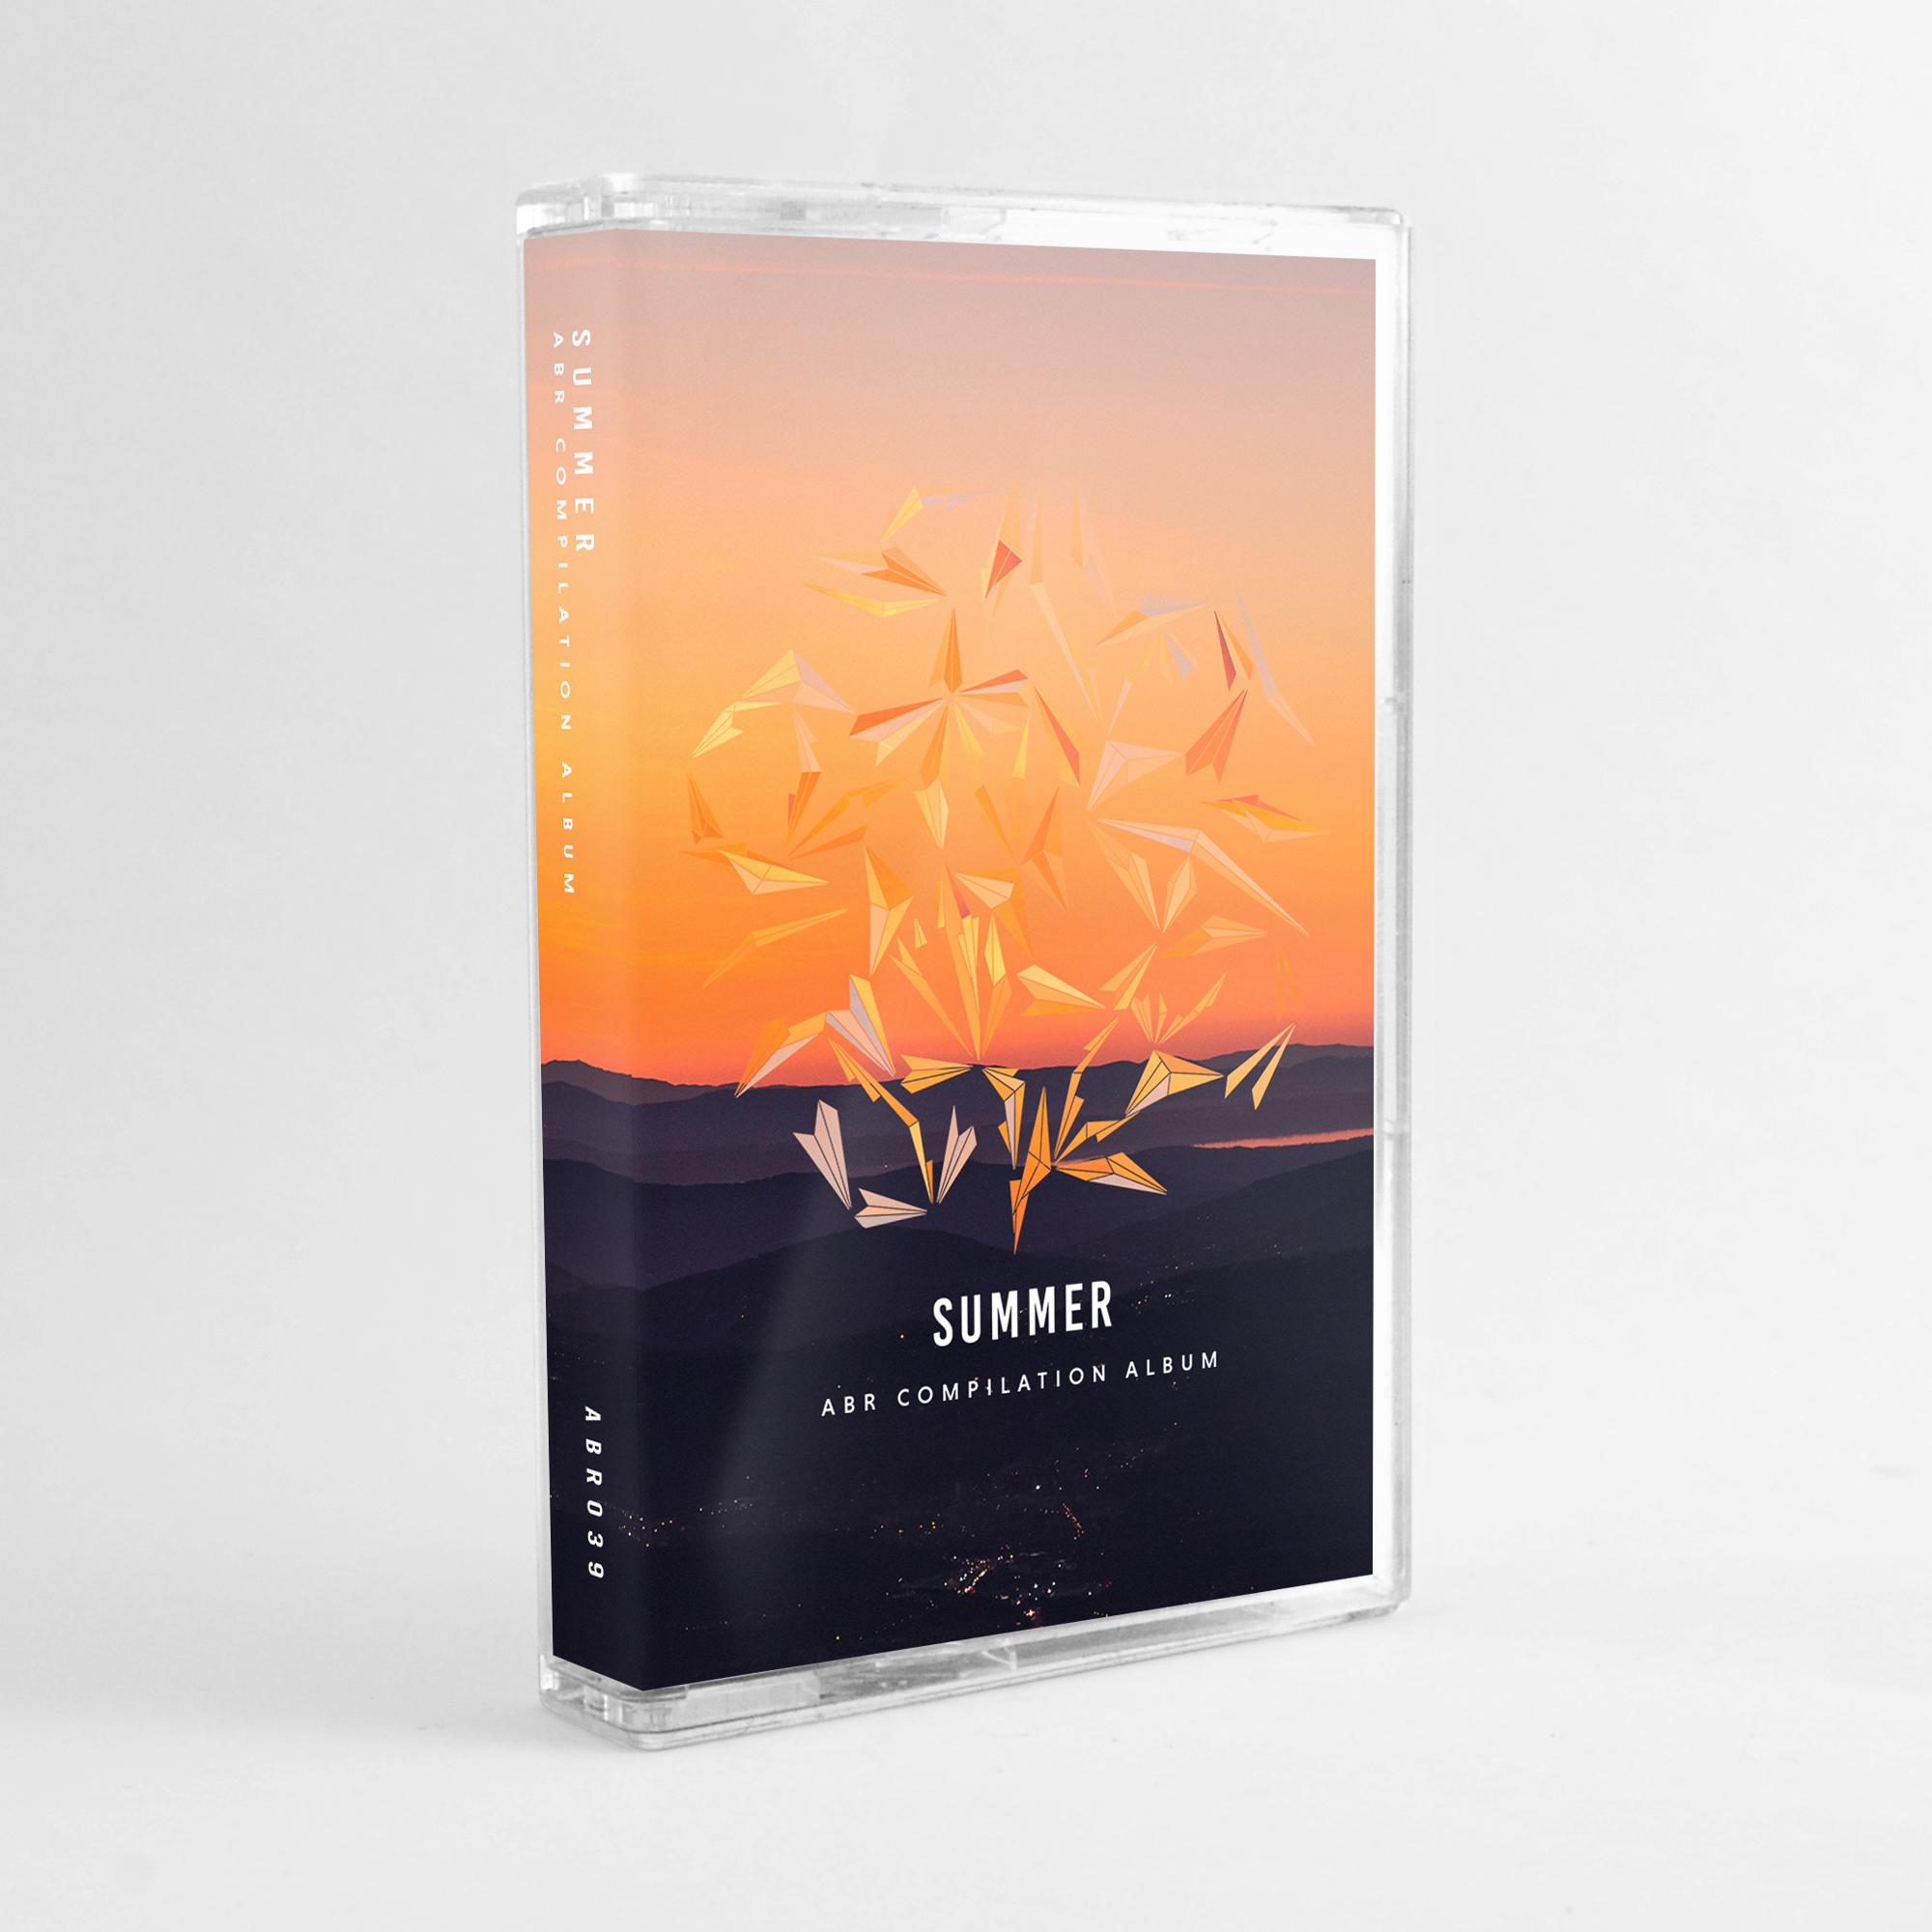 Summer Cassette Mockup.jpg